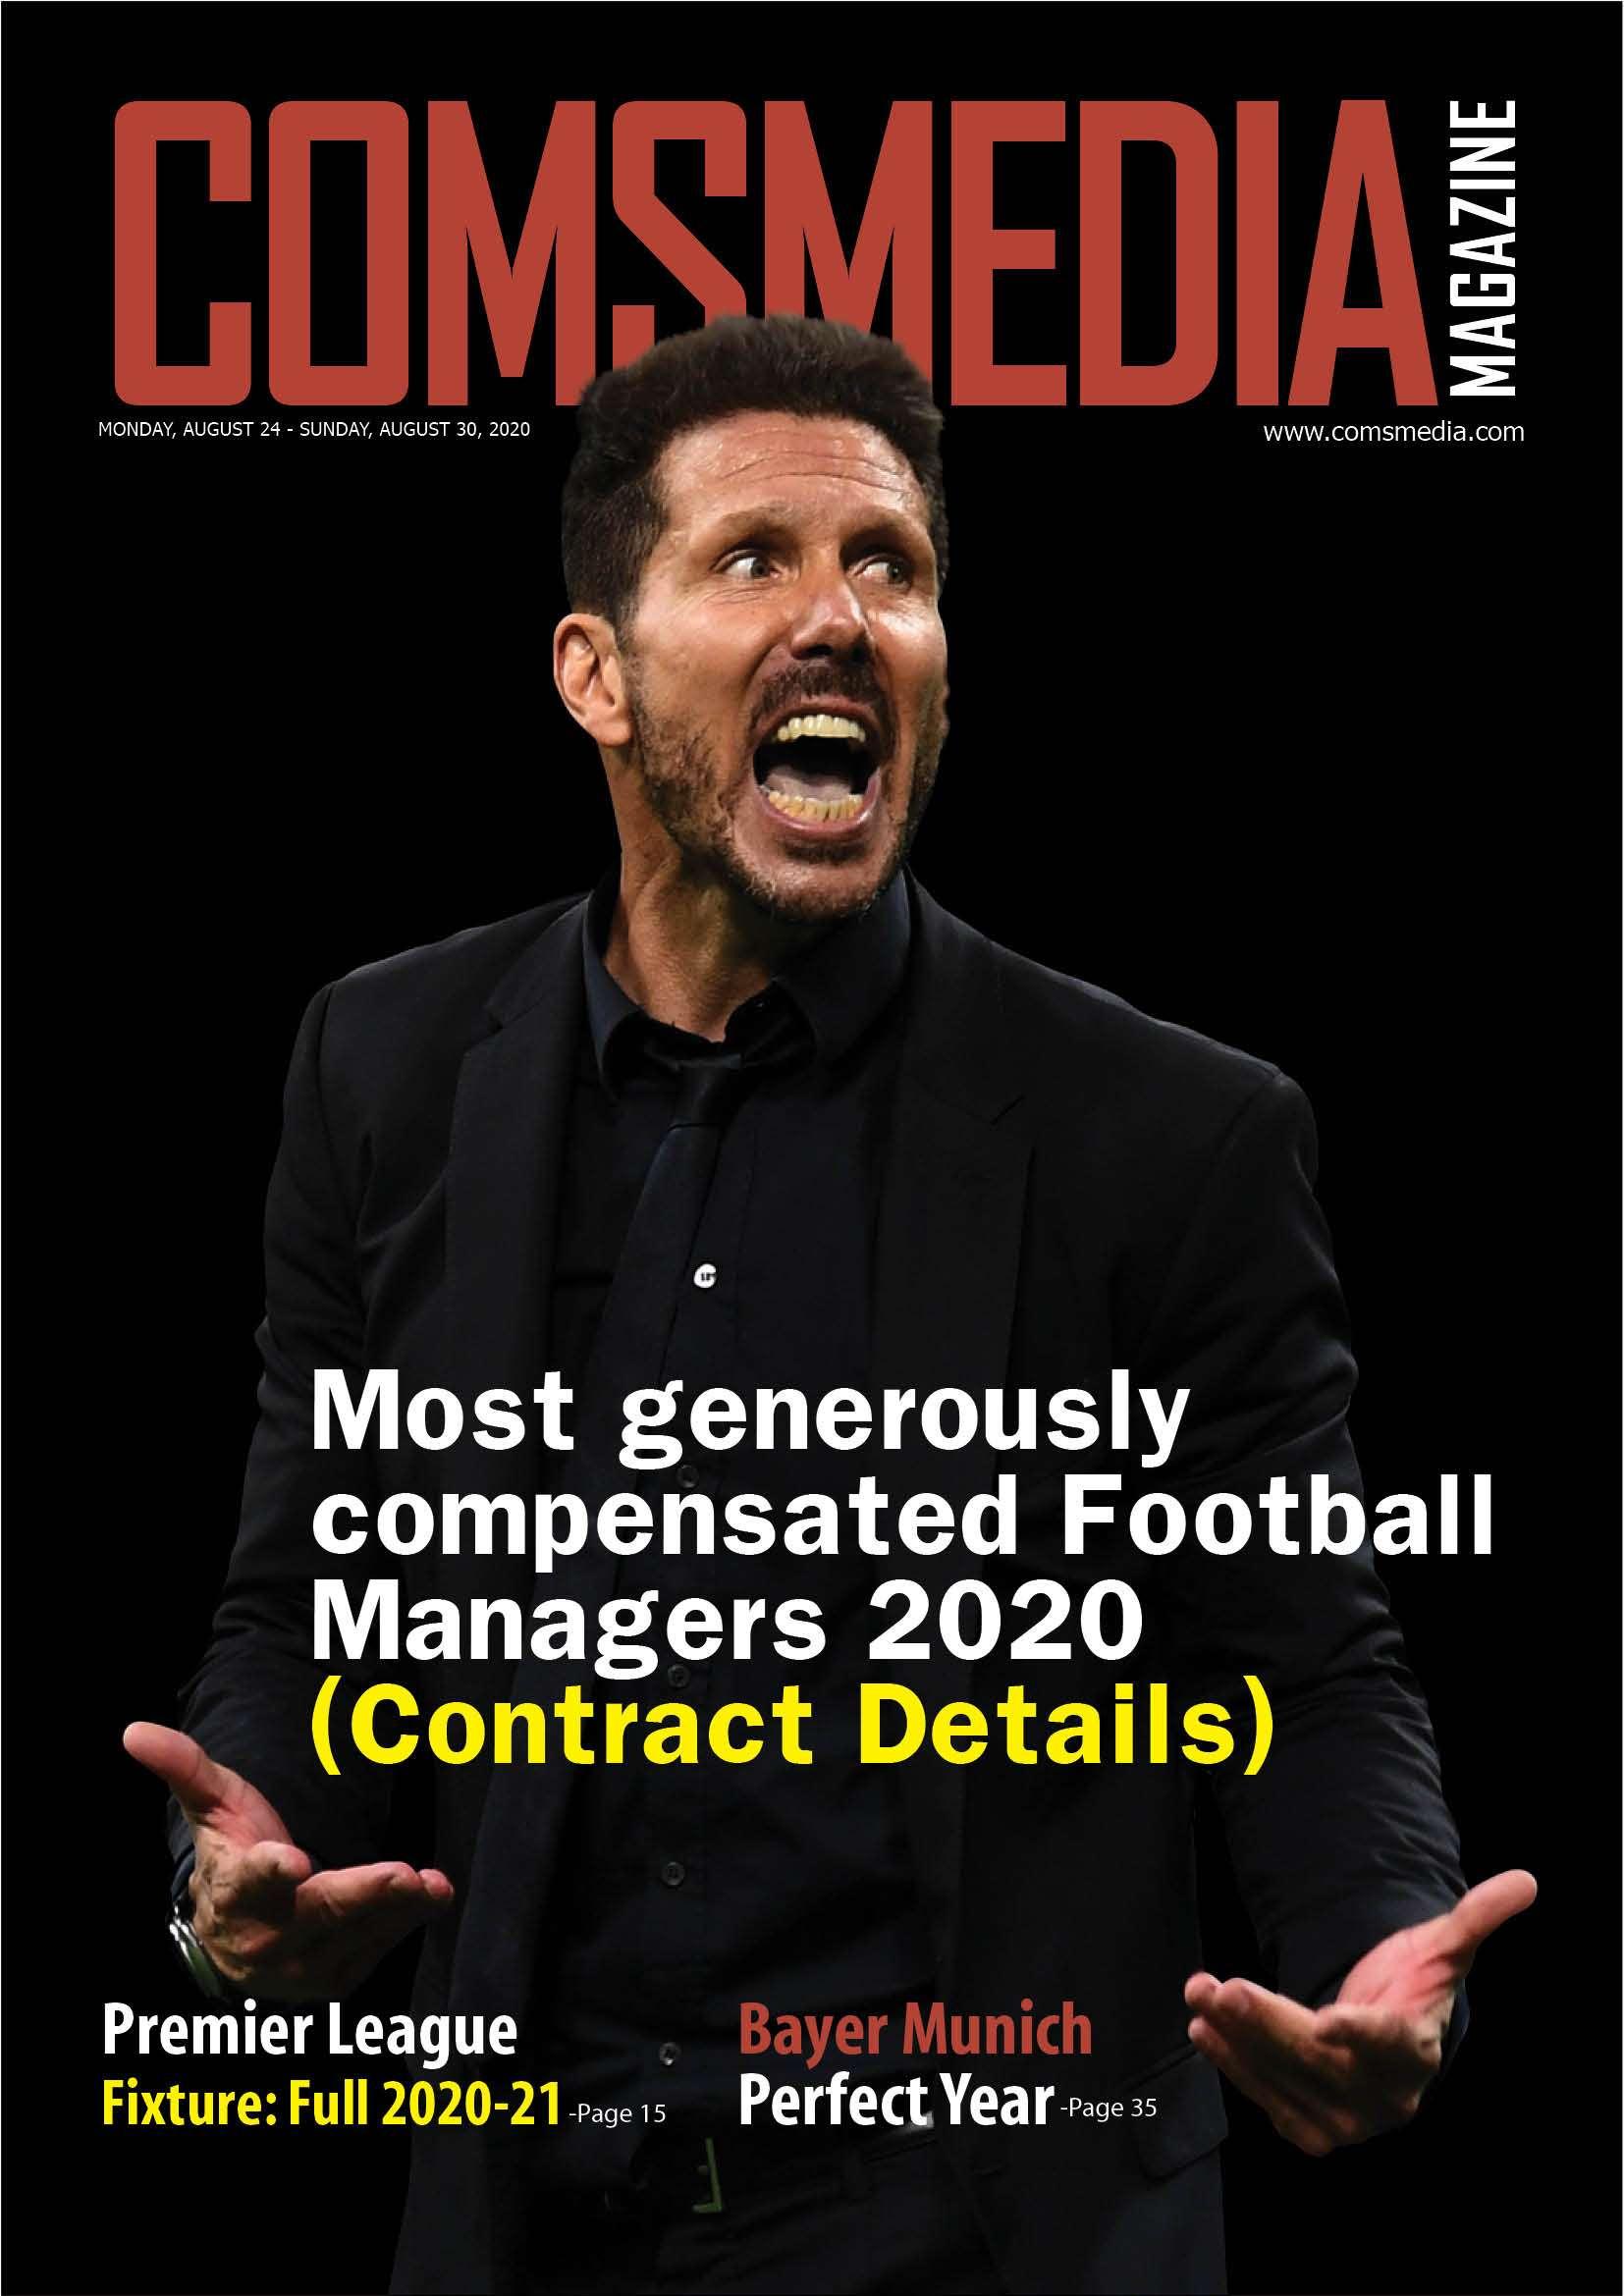 https://comsmedia.com/wp-content/uploads/2020/08/Comsmedia-Magazine.pdf